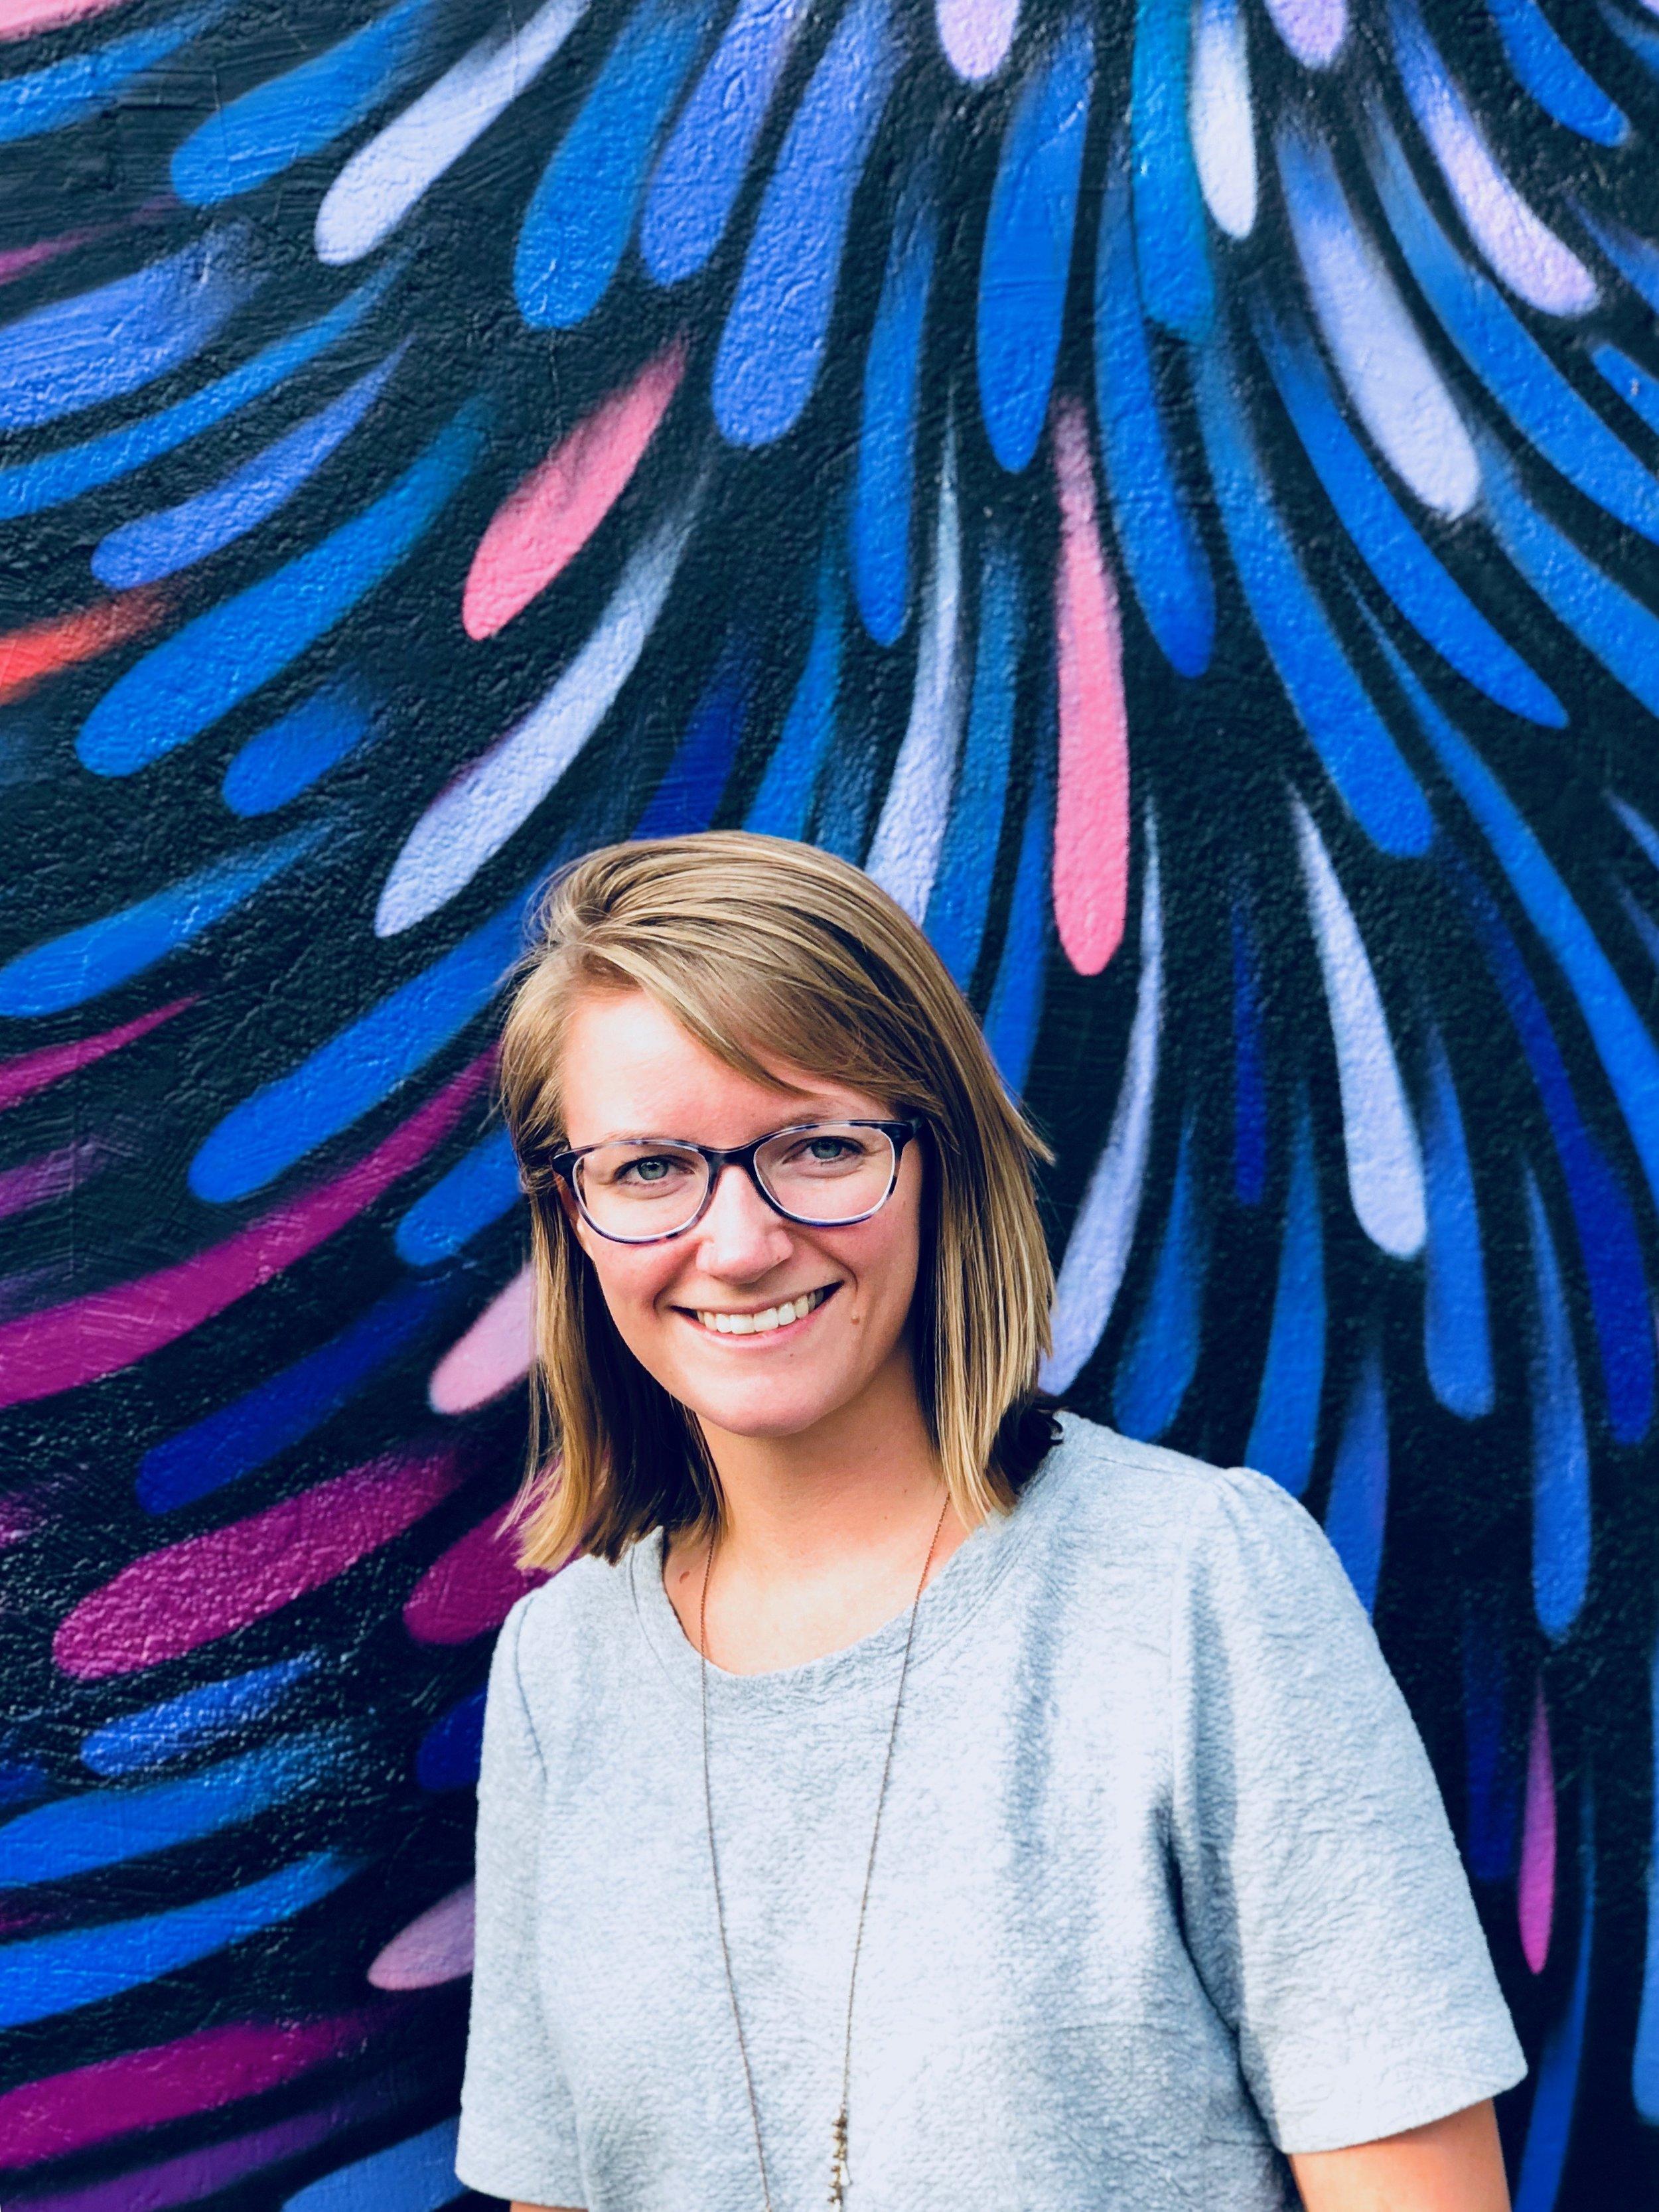 karen-lickteig-mural.JPG